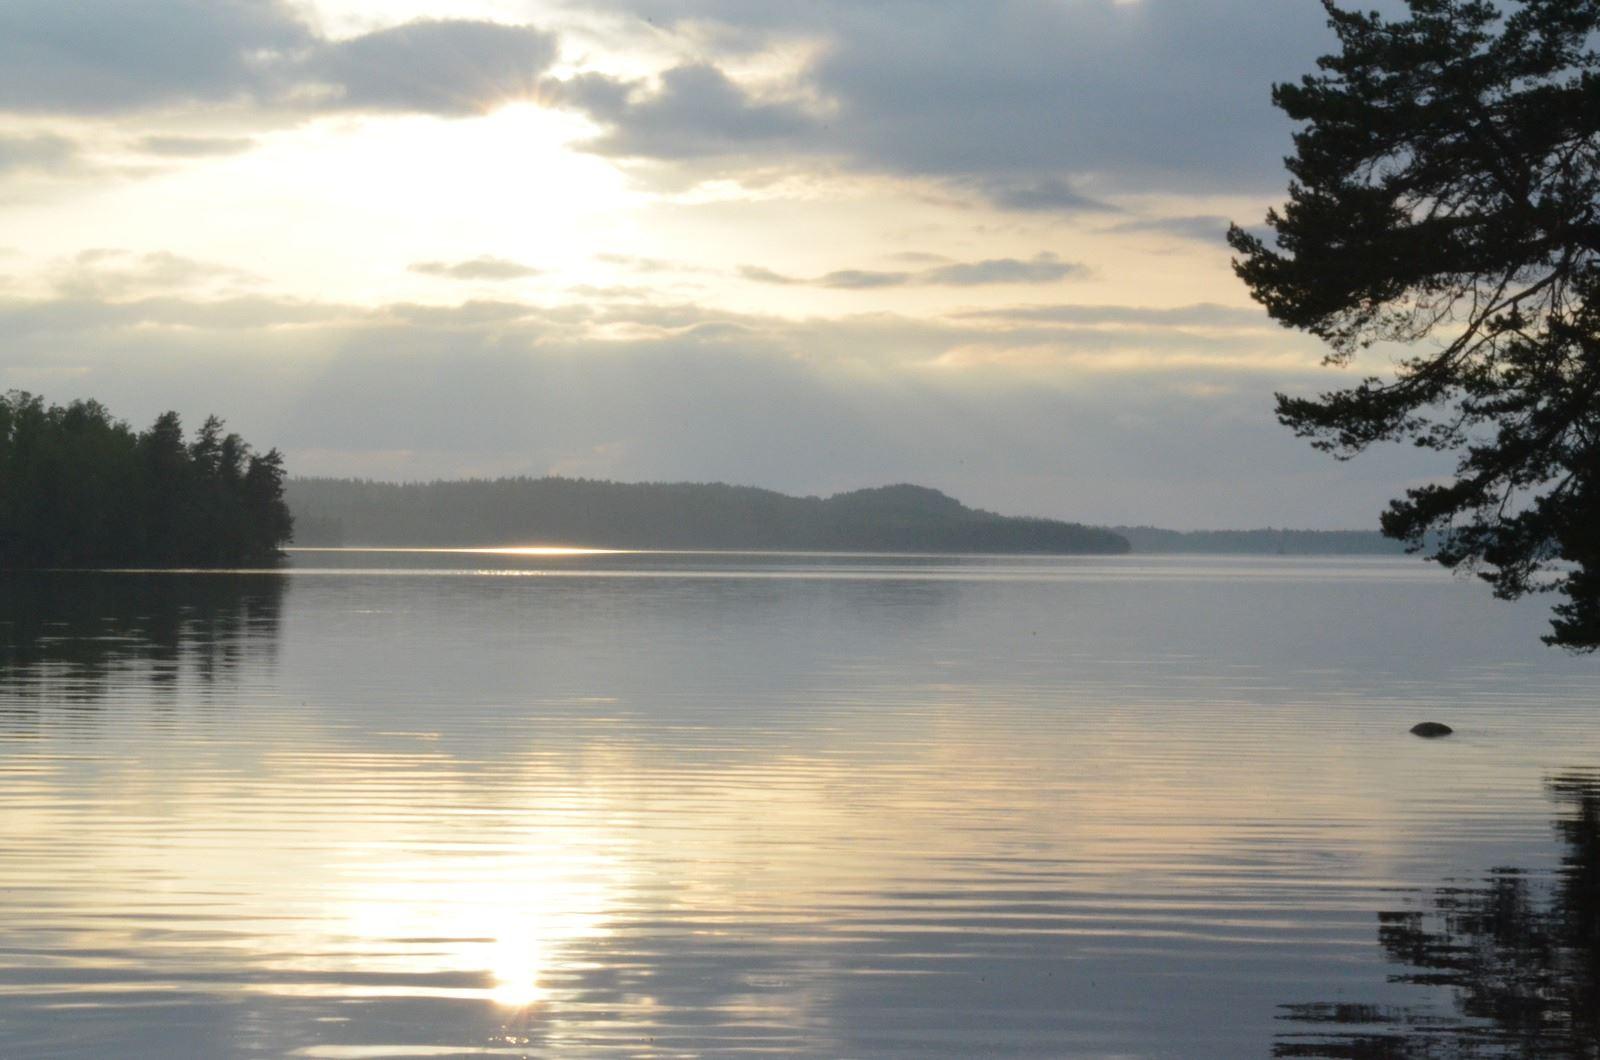 Hjälten, Larstorpasjön, Kållstorpasjön